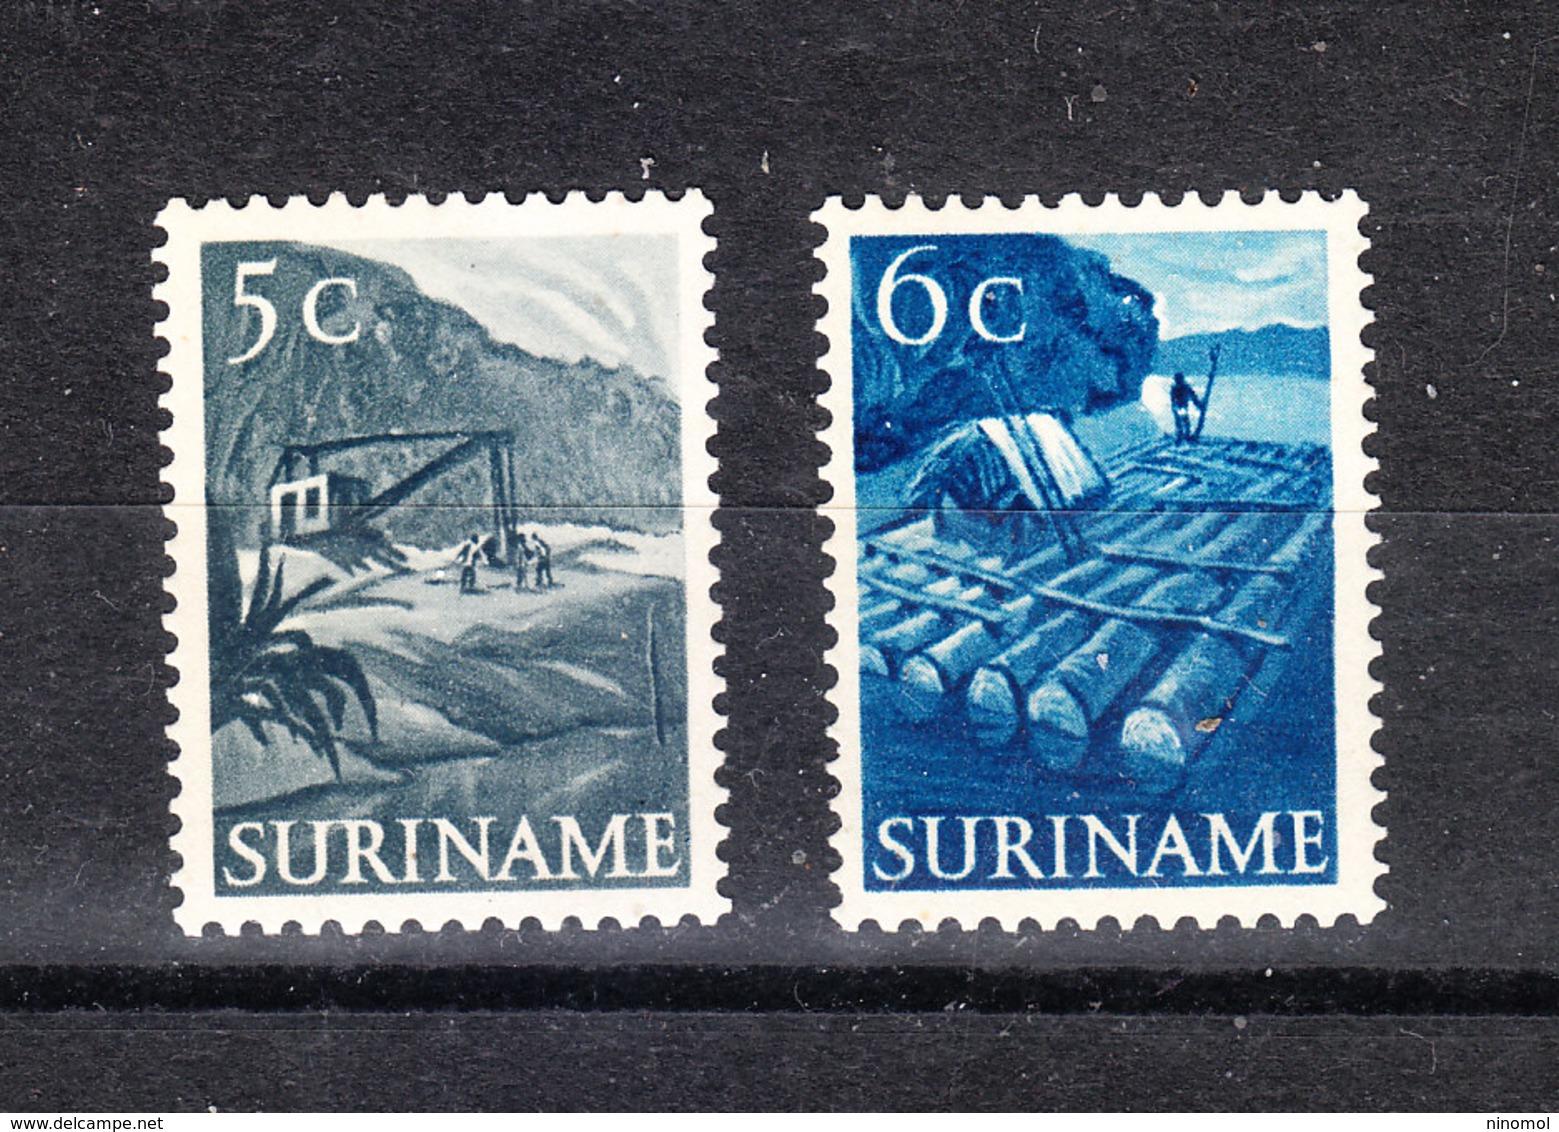 """Surinam  - 1954. Escavatore, Trasporto Legname. Excavator, Timber Transport. 2 Francobolli """" Lavoro"""" Del Set. MNH, Fresh - Fabbriche E Imprese"""